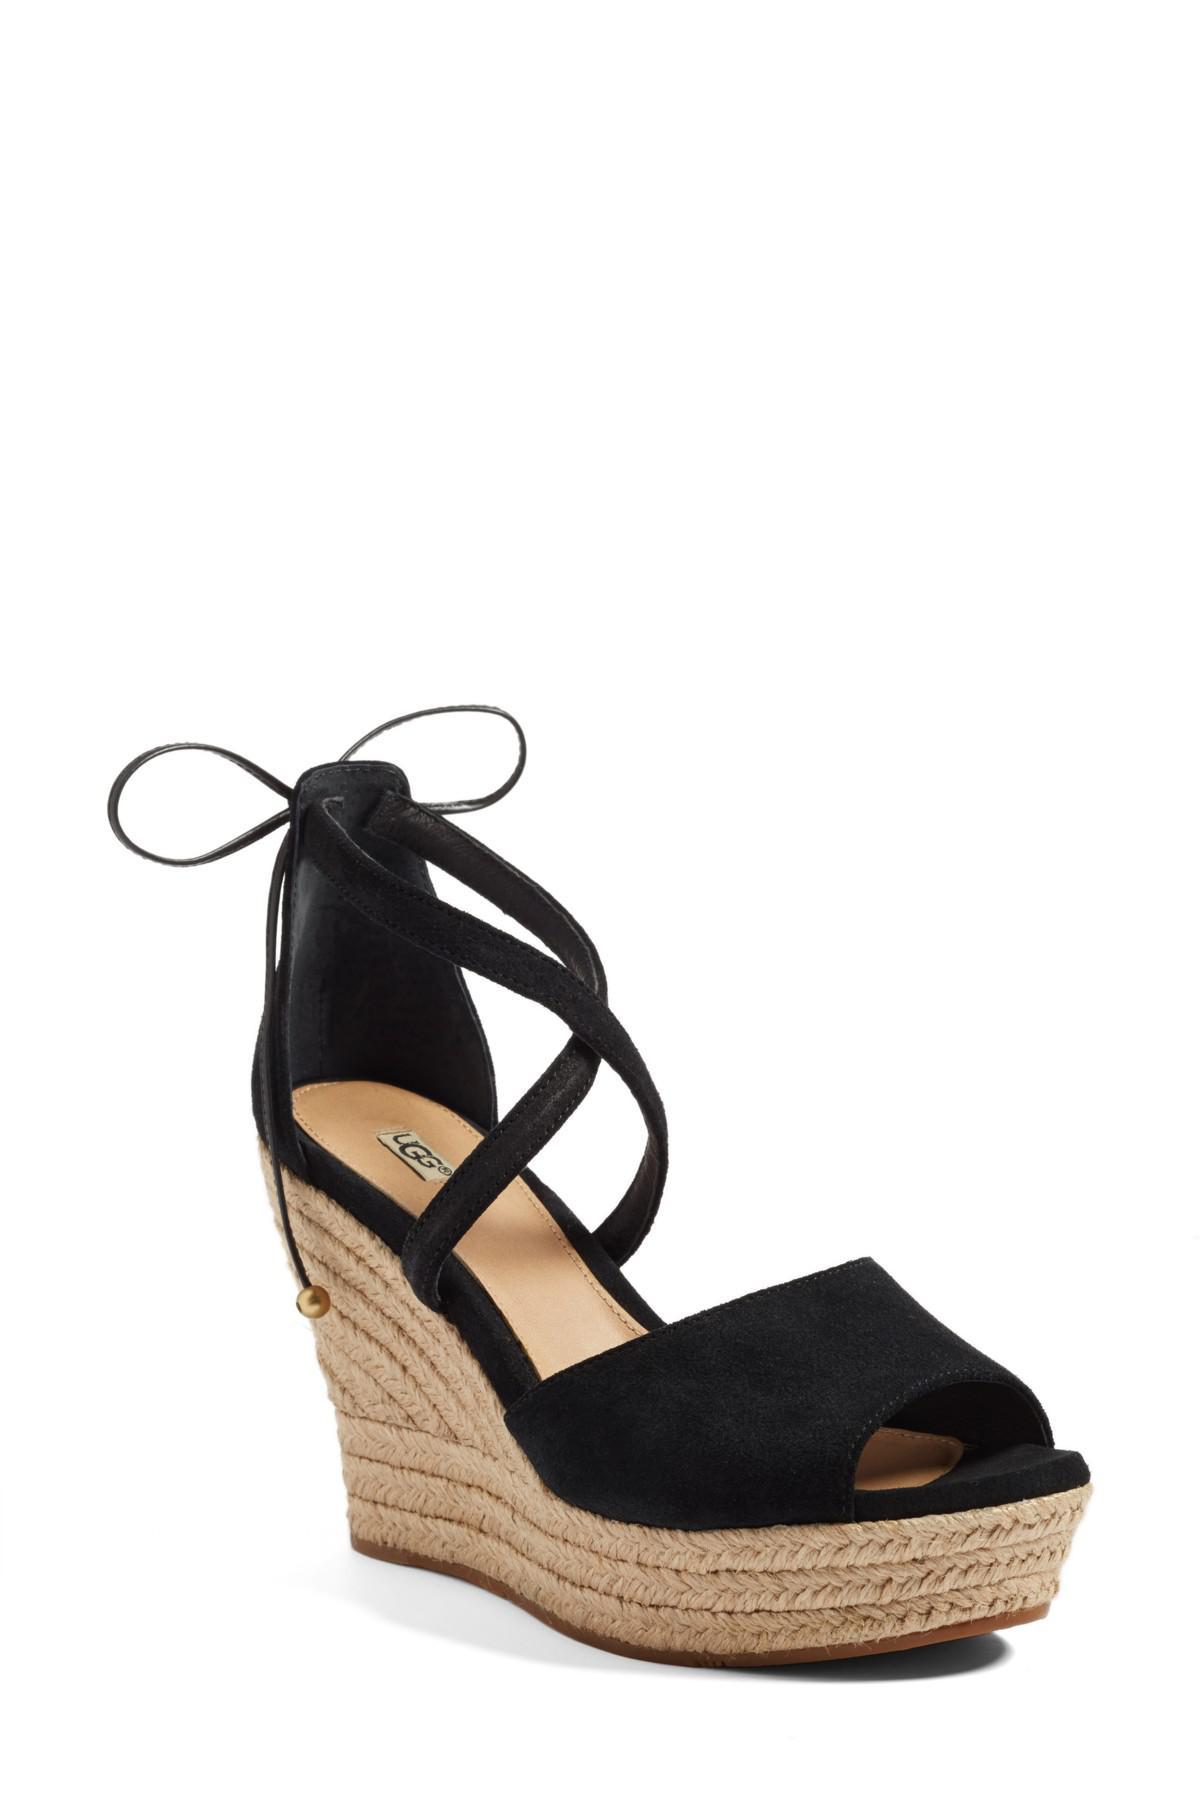 d4f4ca56502 Lyst - UGG Ugg(r) Reagan Sandal (women) in Black